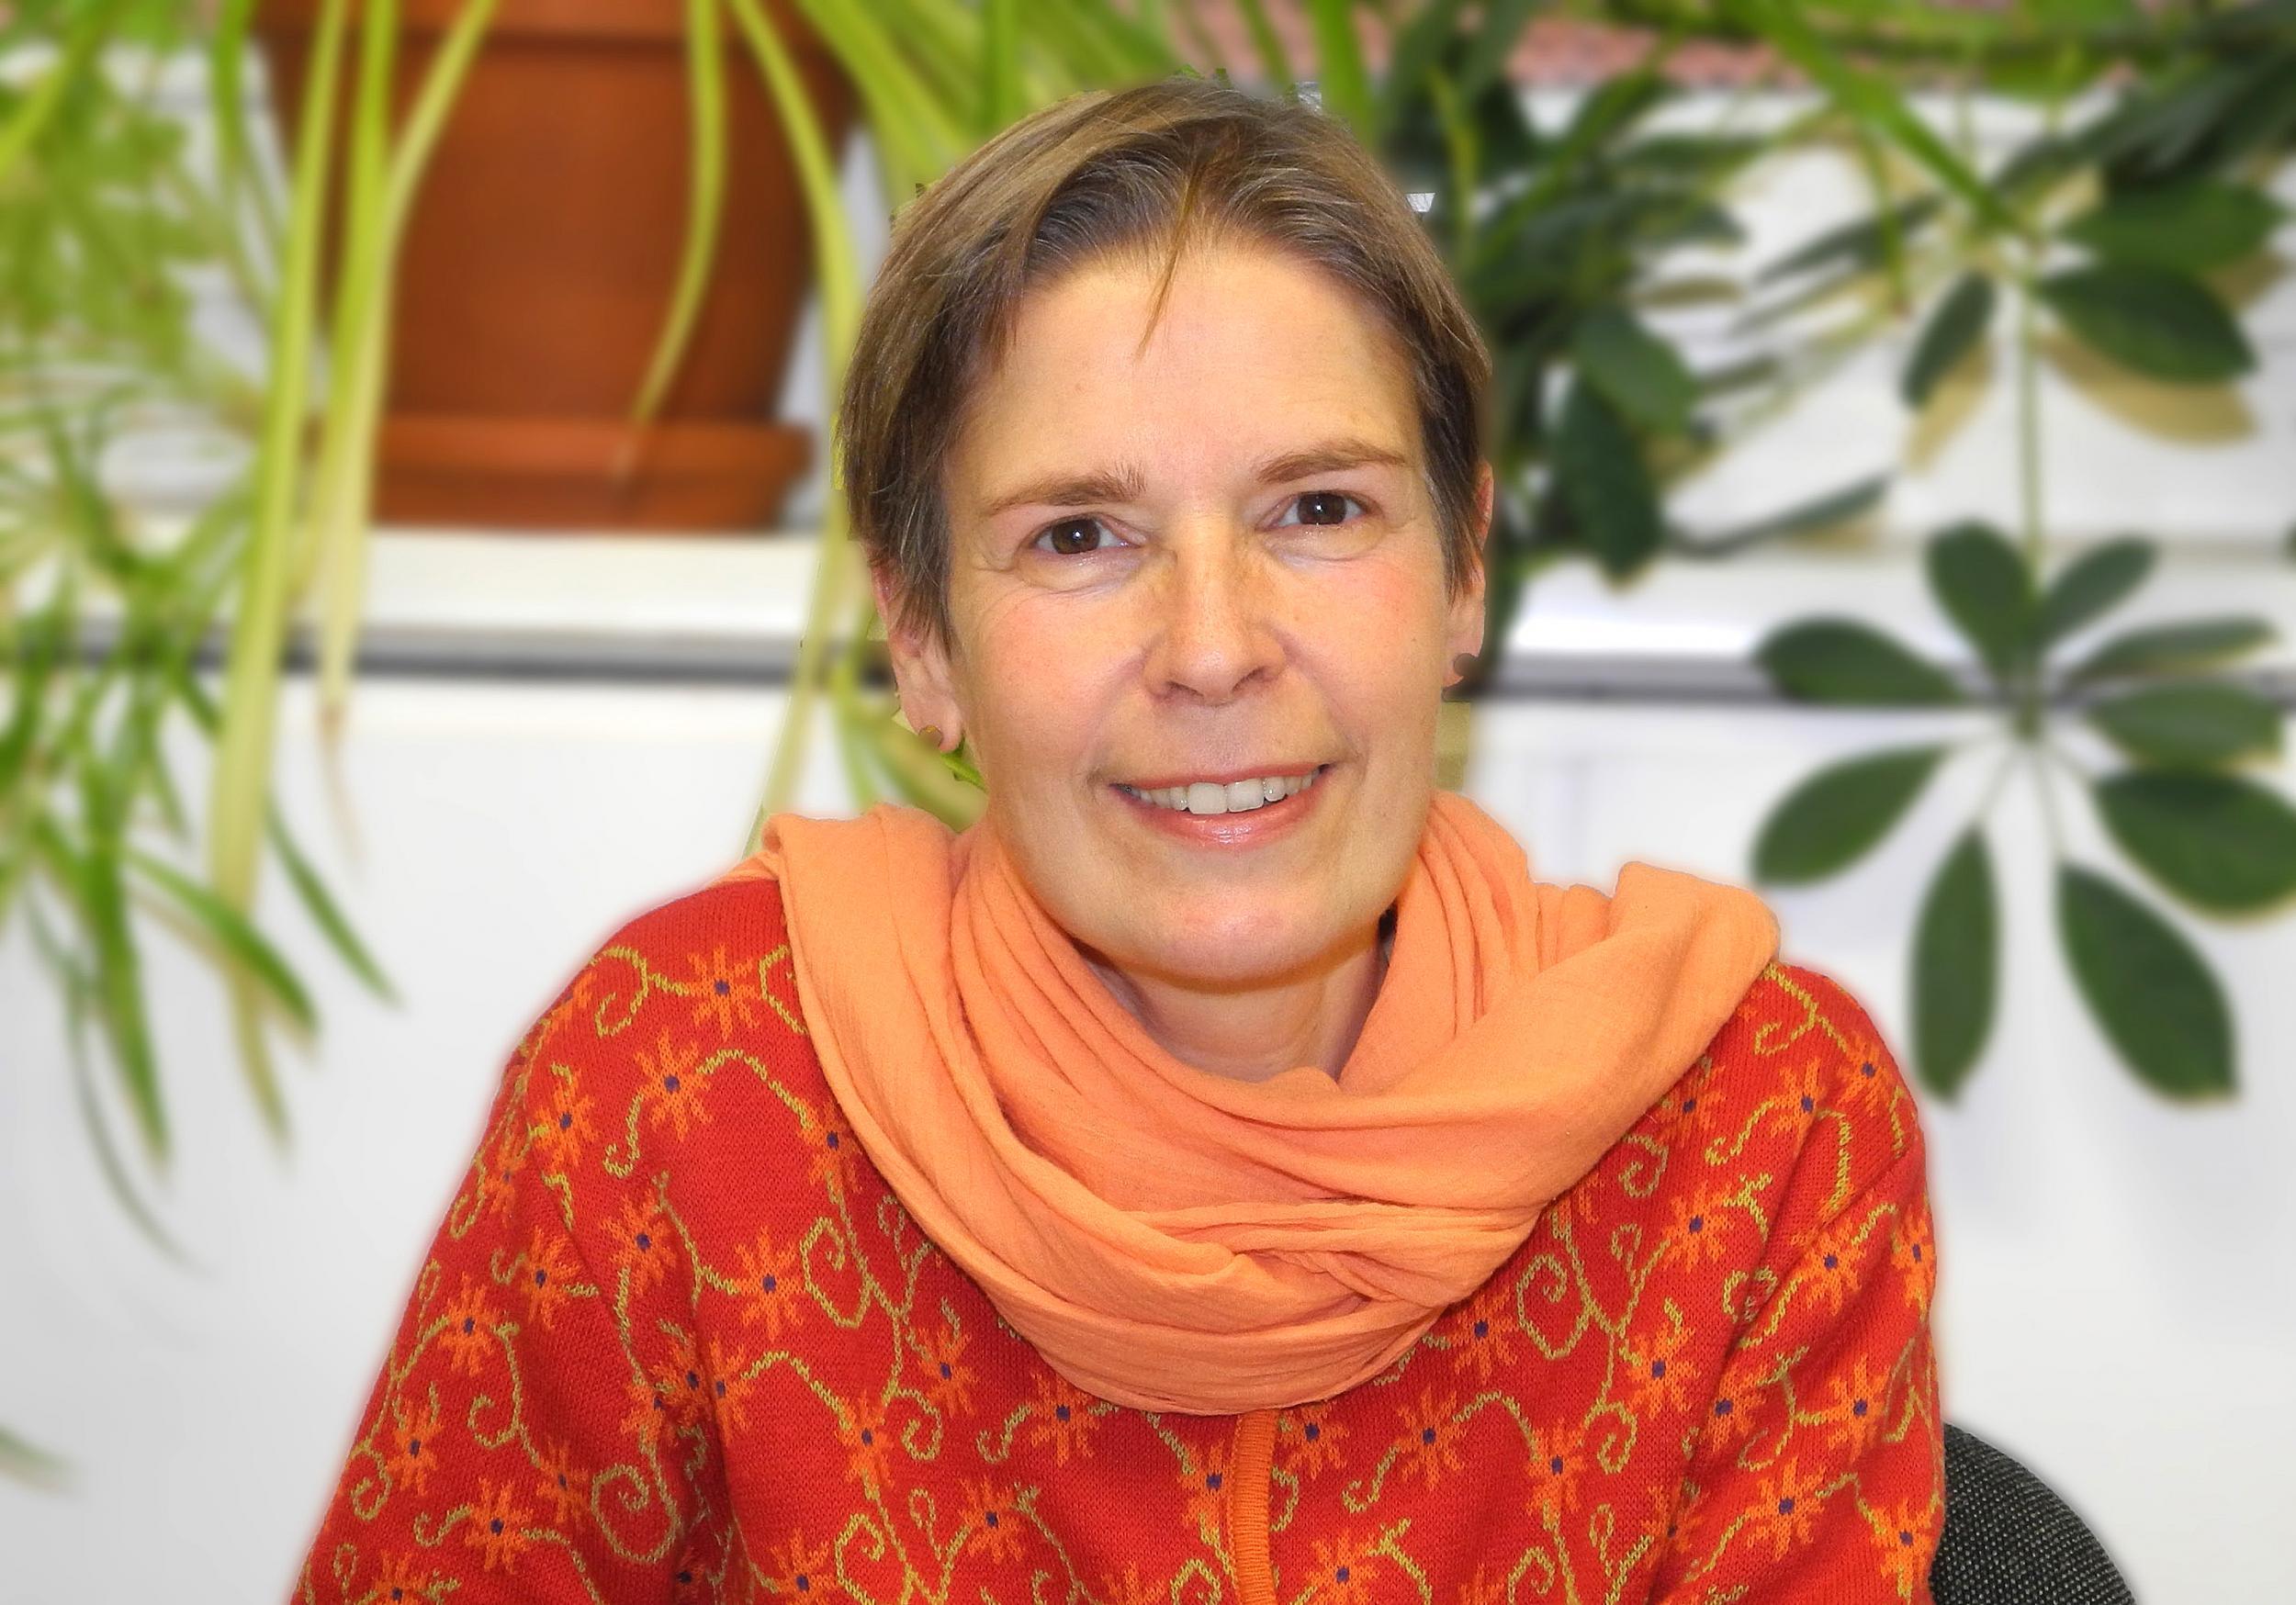 Maybrit Hugo, Gleichstellungsbeauftragte, Braunschweig